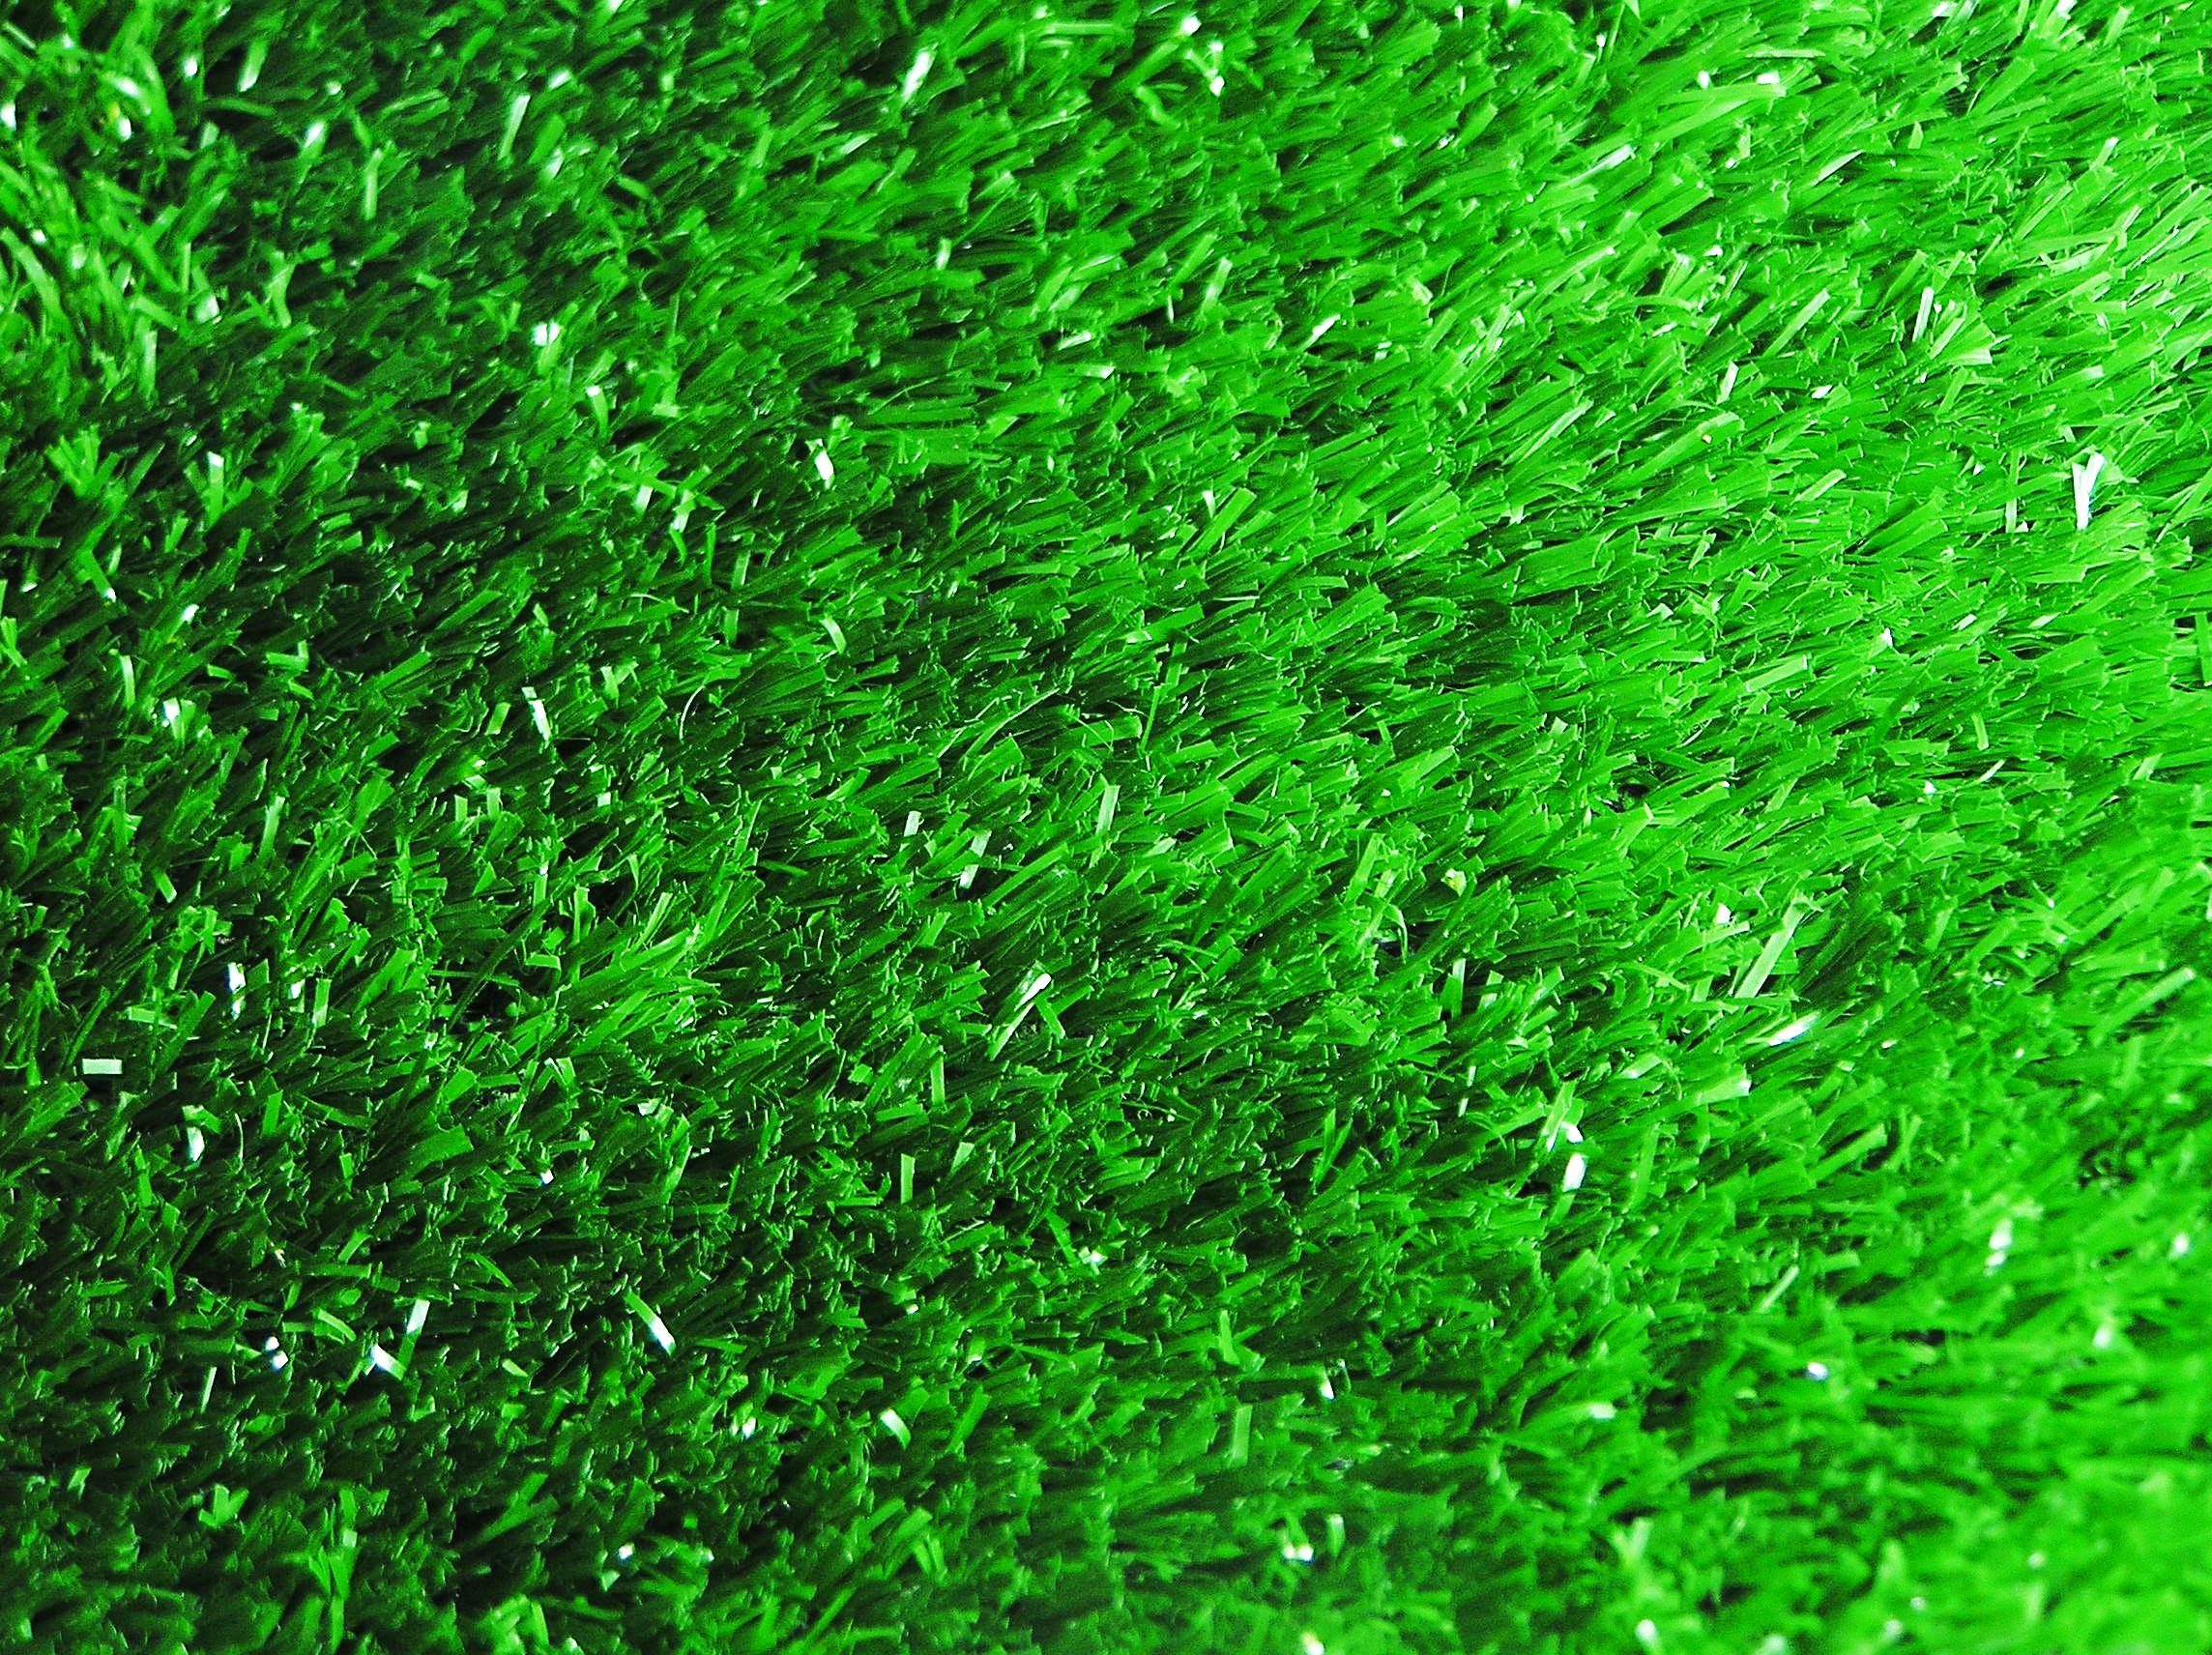 หญ้าเทียม รุ่นพรมสั้น 0.7 ซม.